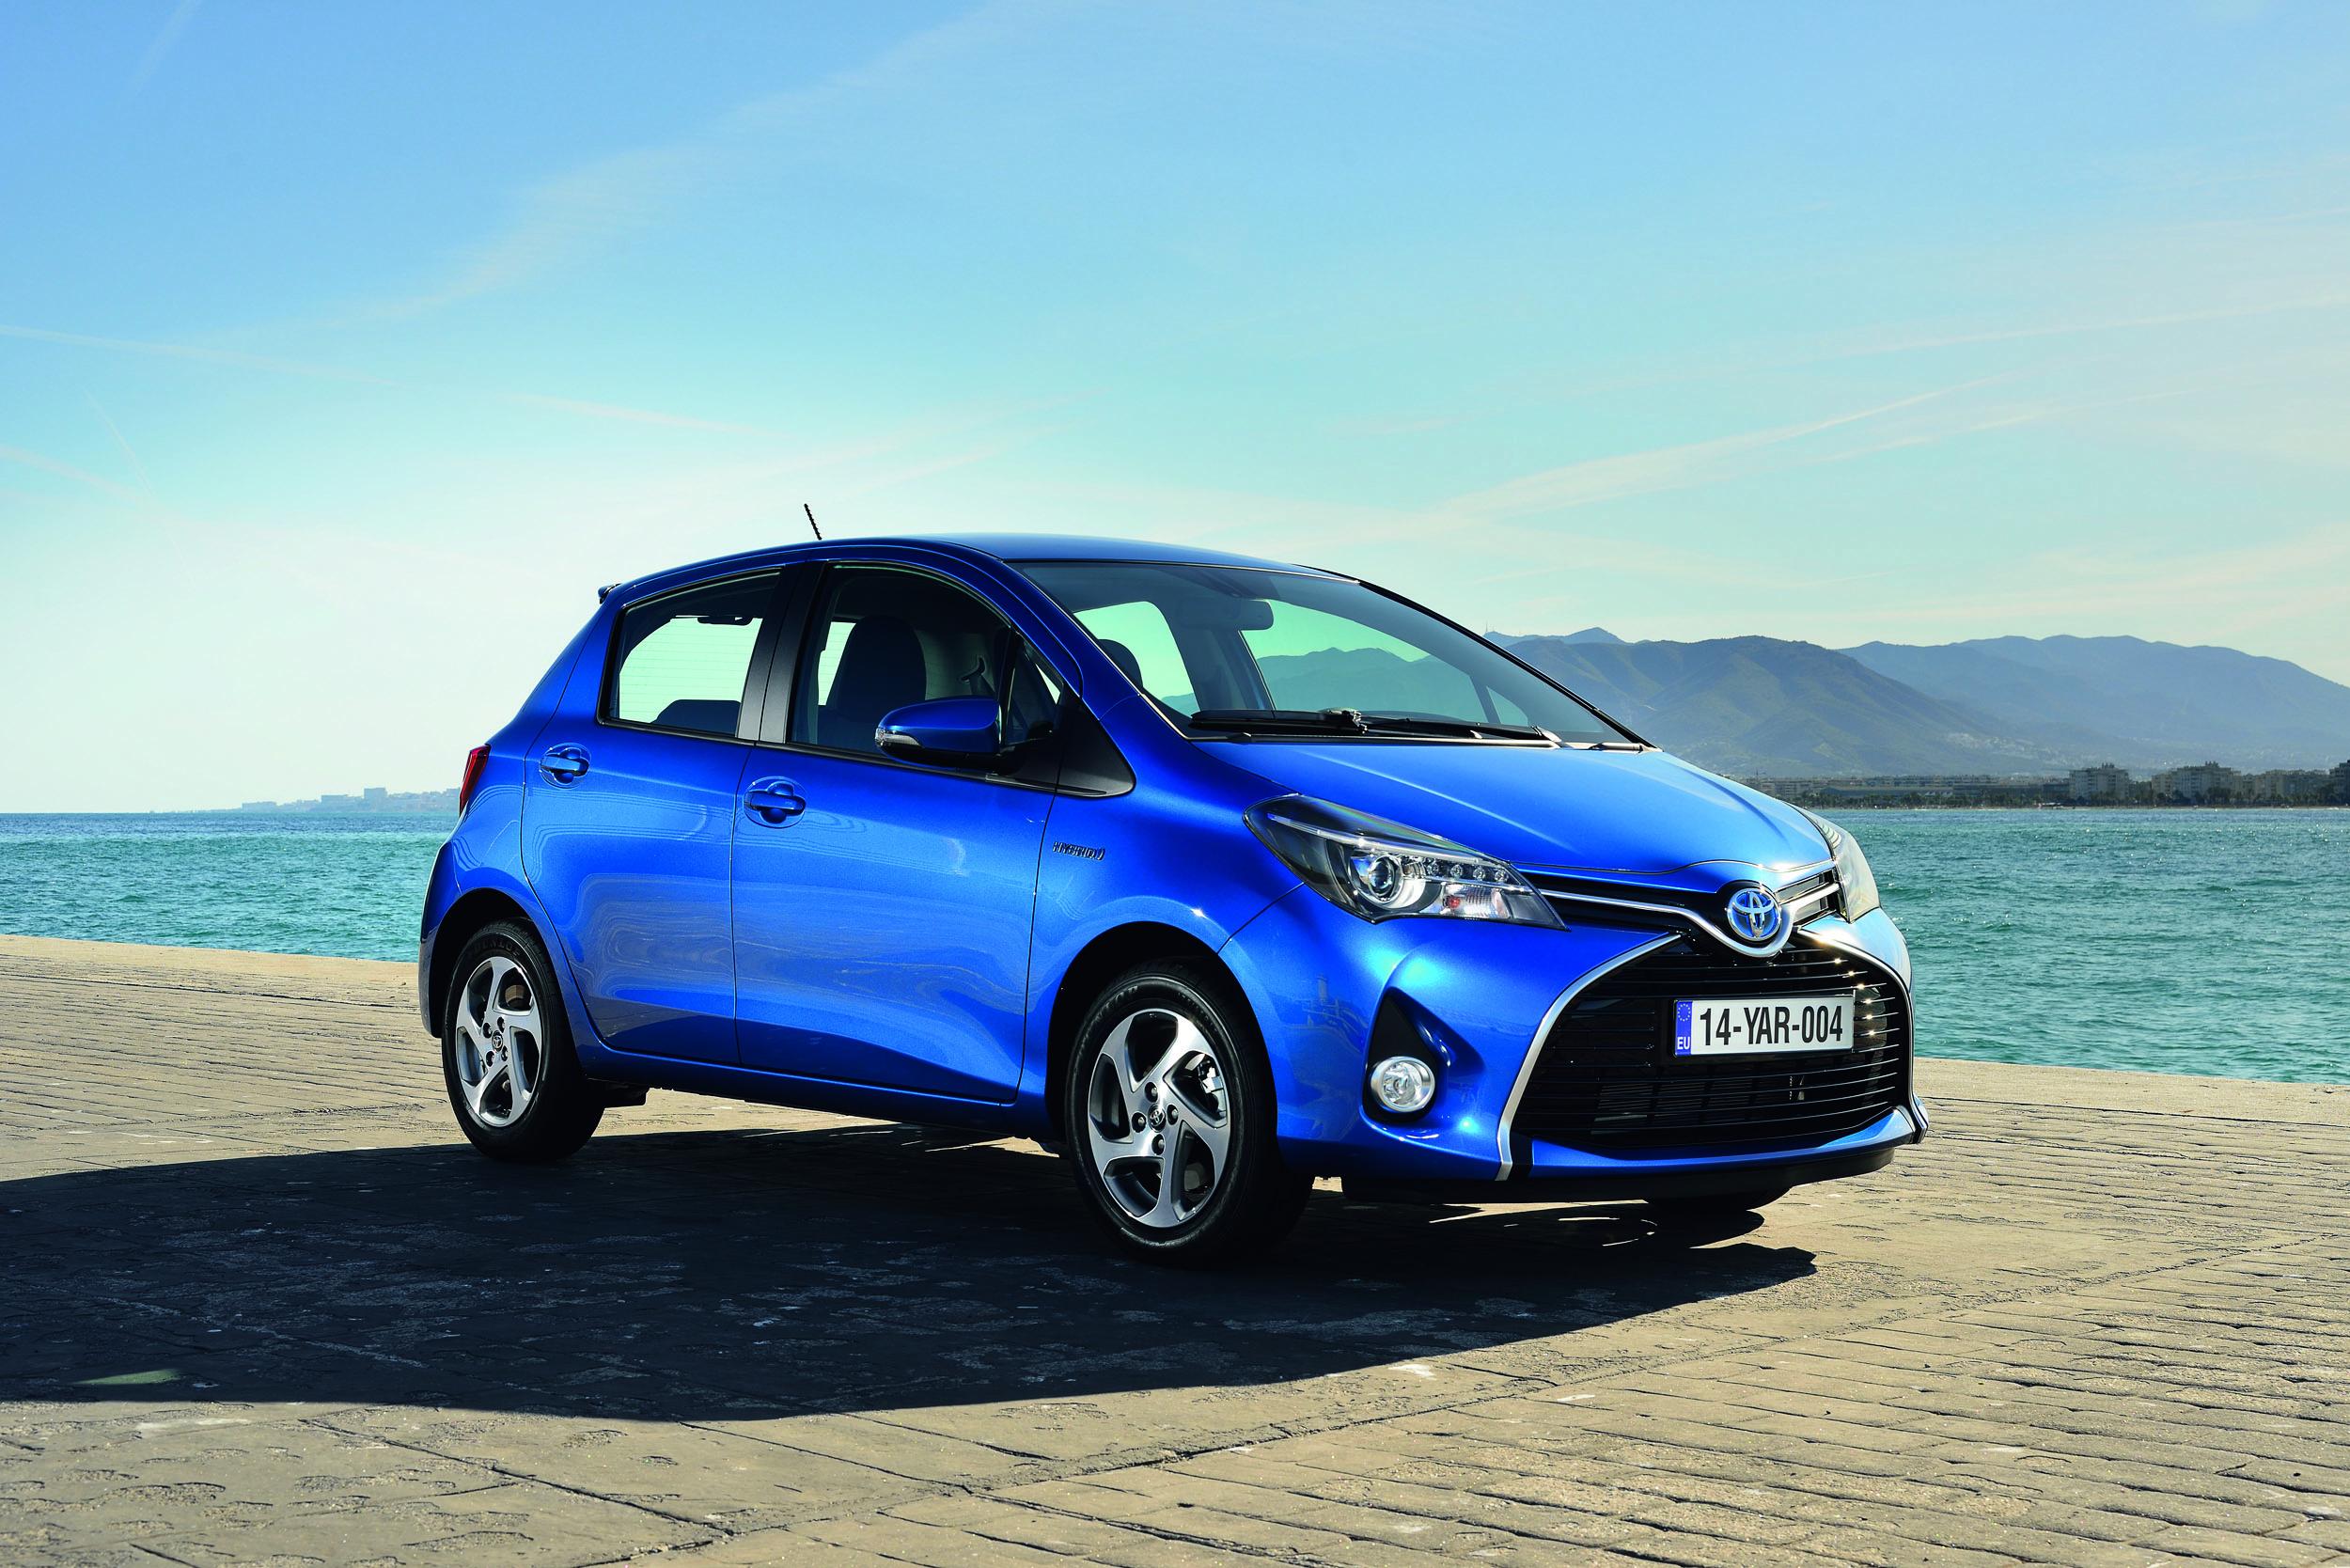 Toyota Yaris photo #1